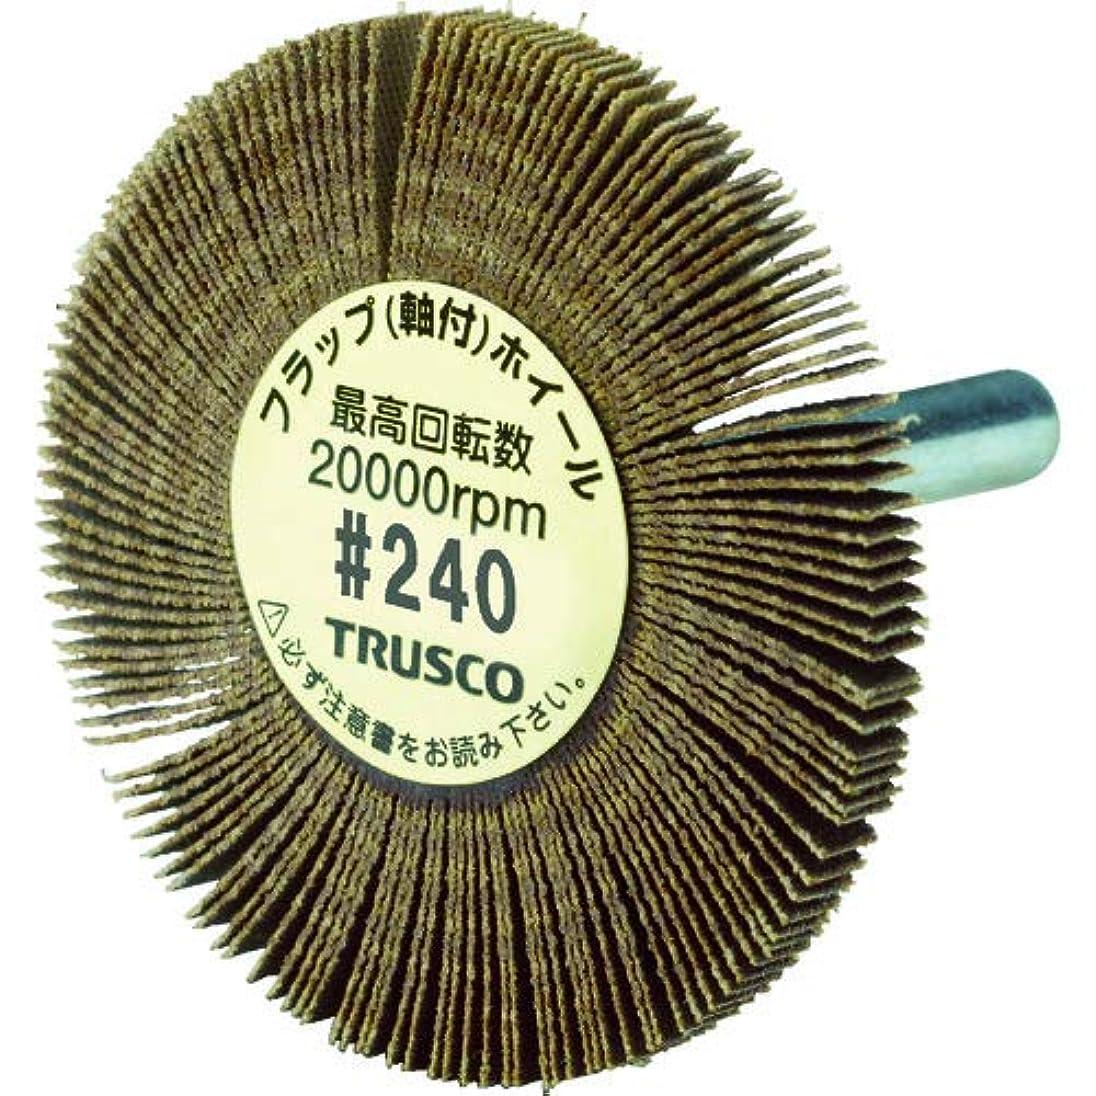 腐敗ヒープ段階TRUSCO(トラスコ) 薄型フラップホイール 50X5X6#240 5個入 UF5005240